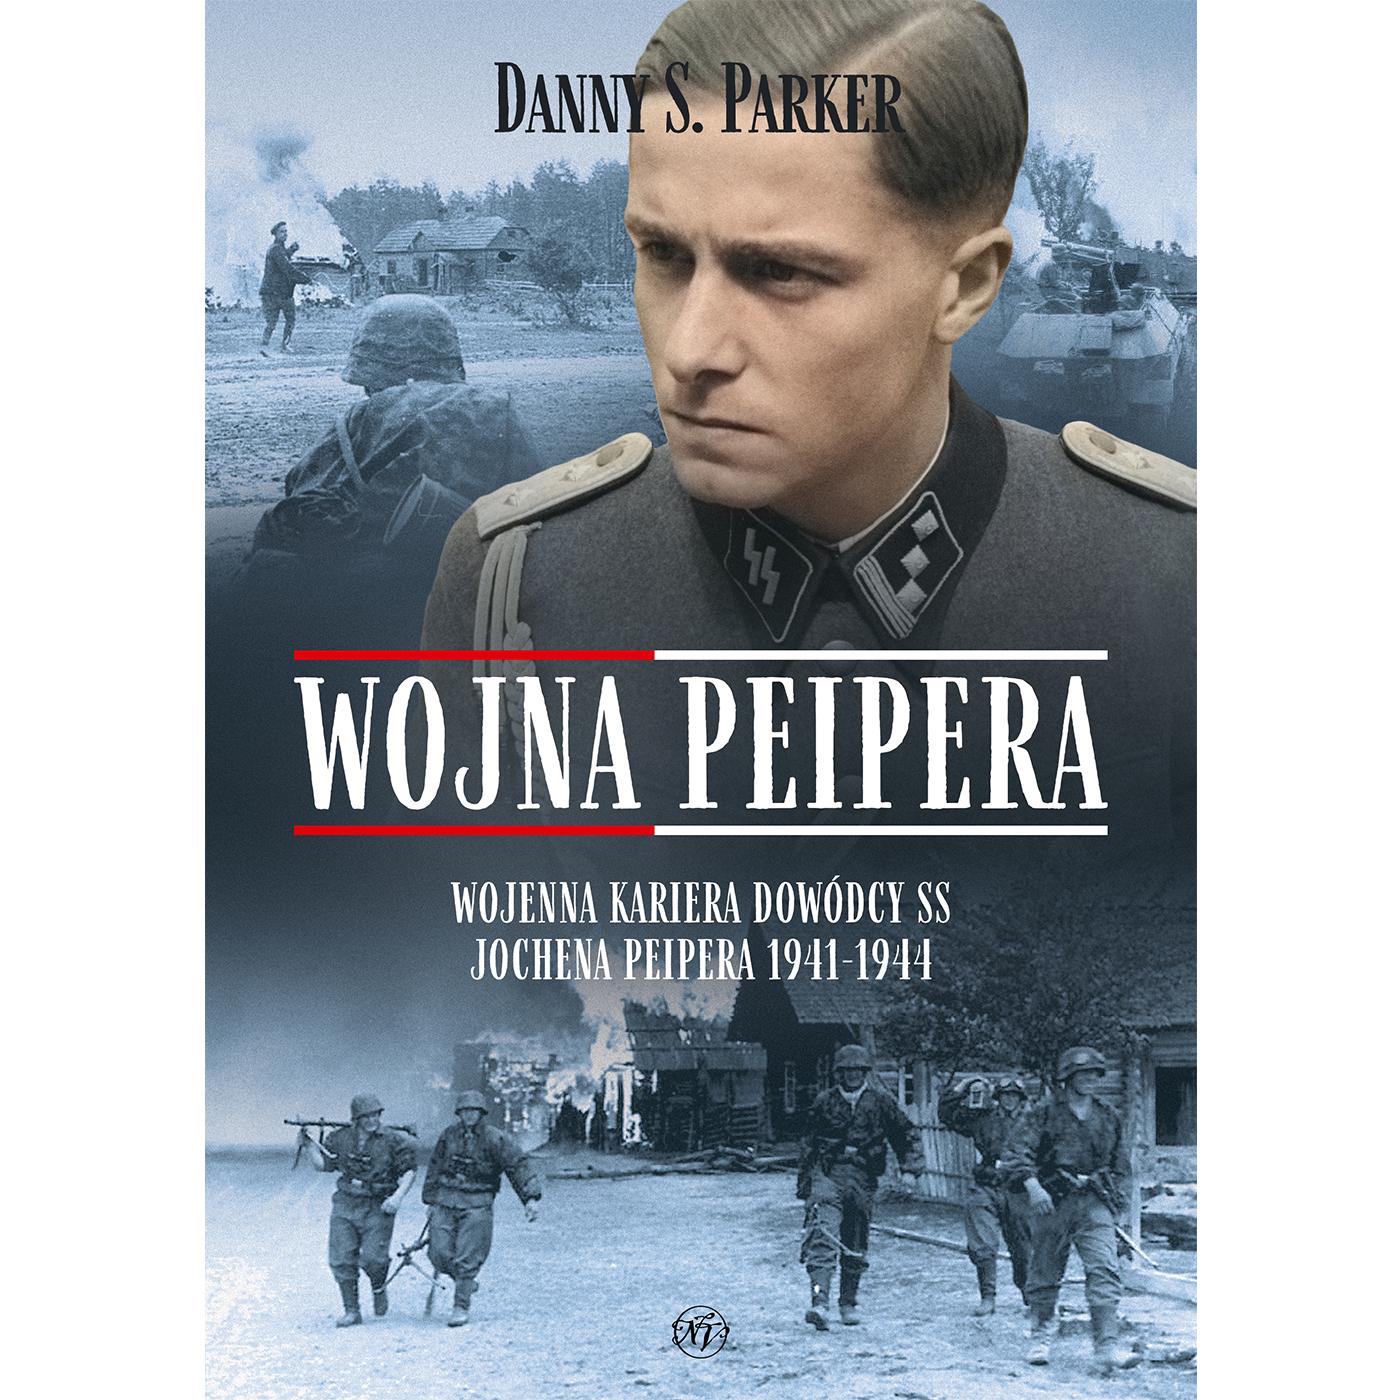 Wojna Peipera. Wojenna kariera dowódcy SS Jochena Peipera 1941-1944